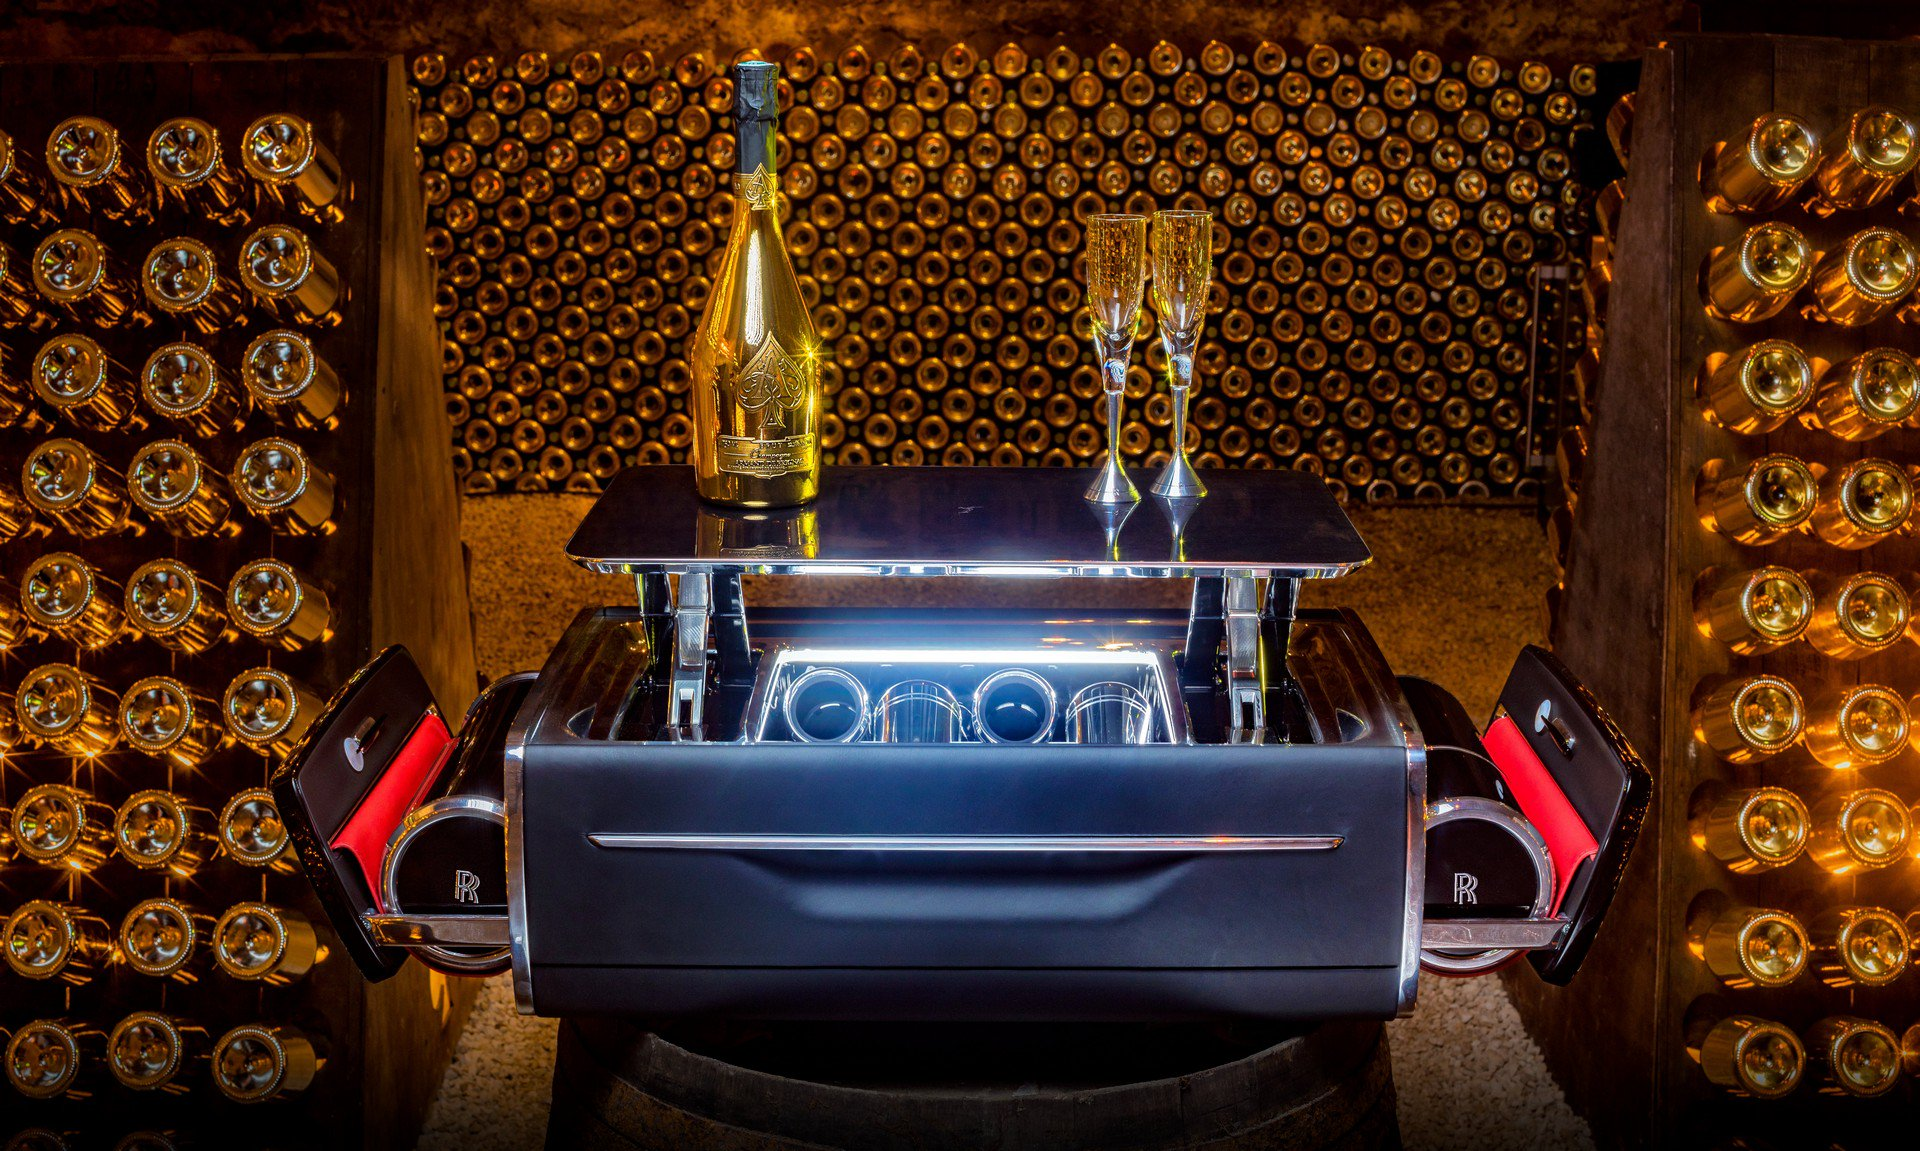 Rolls Royce Champagnekist